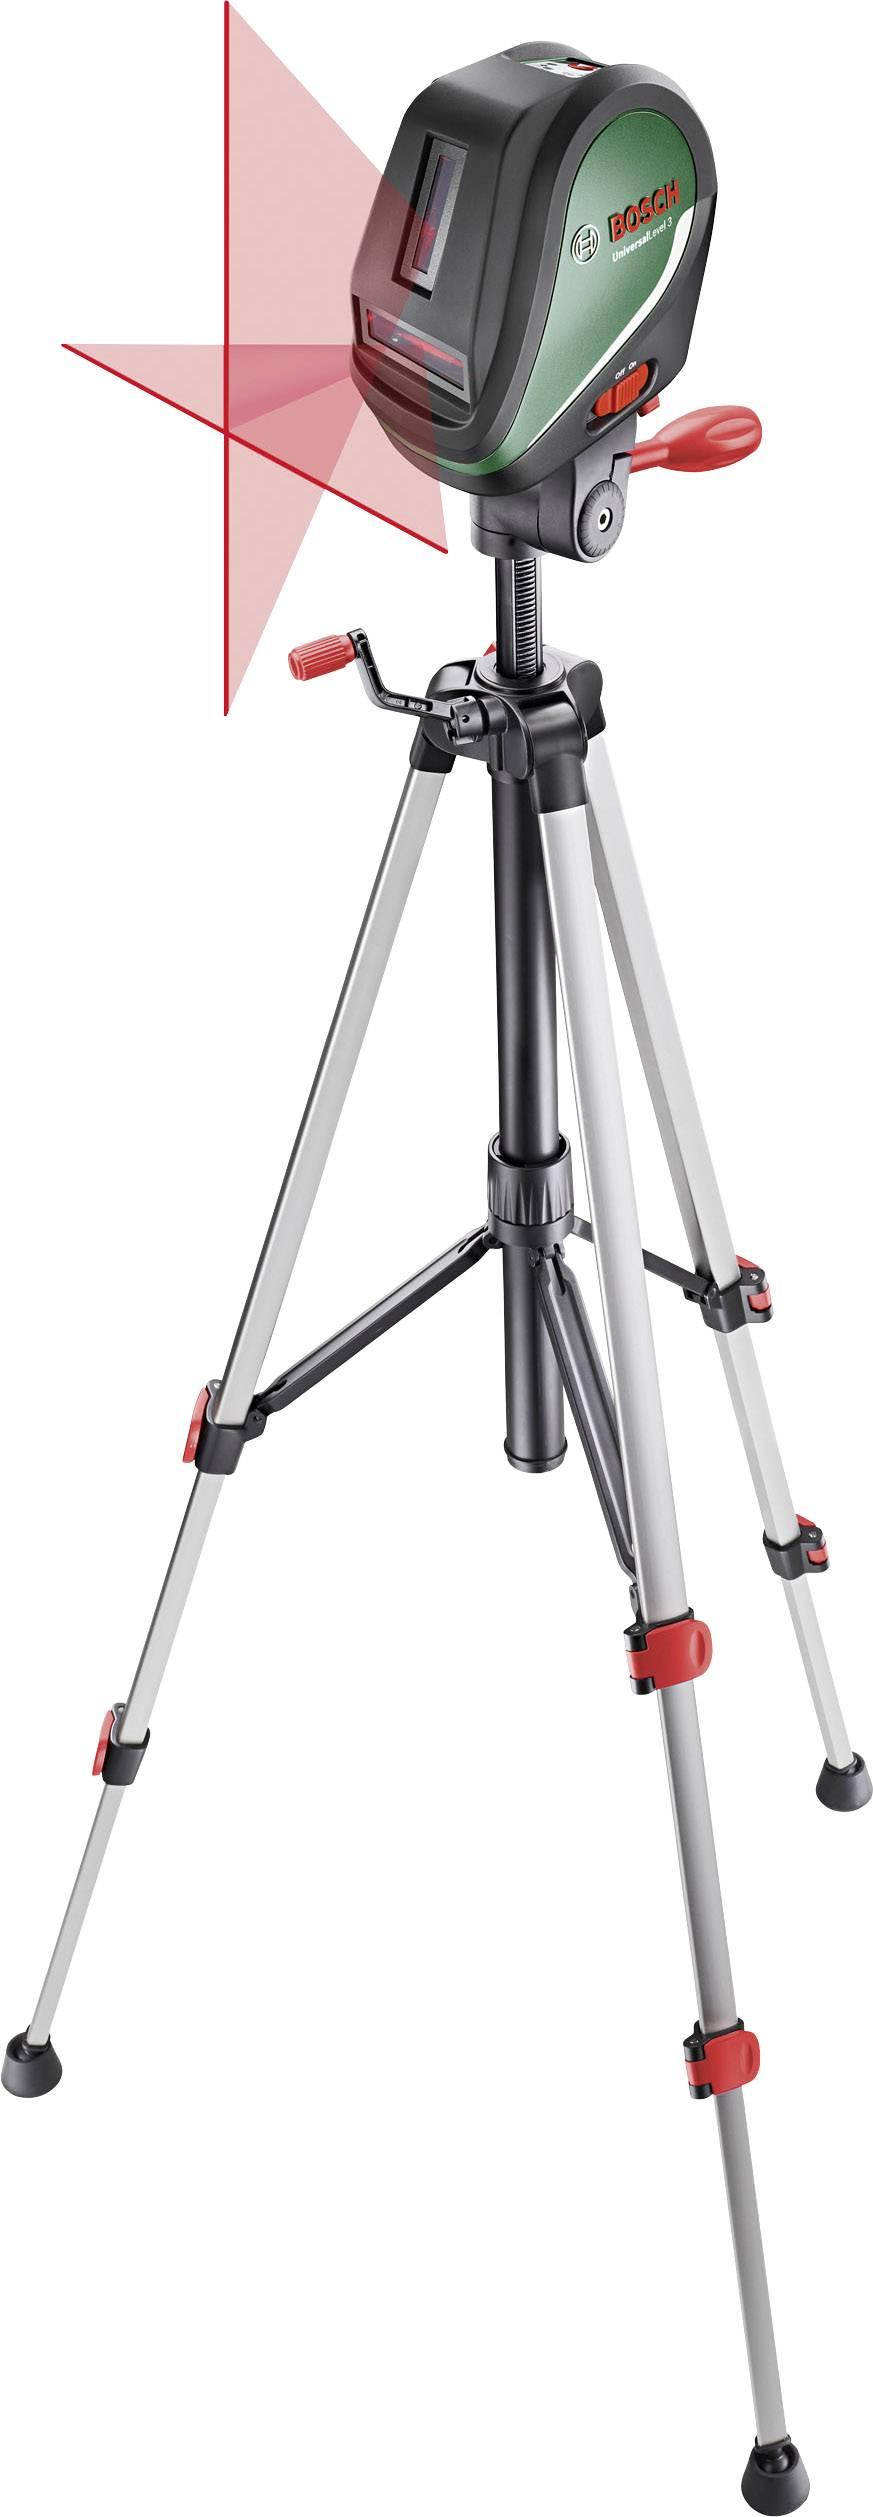 Křížový laser samonivelační, vč. stativu Bosch Home and Garden UniversalLevel 3 Set, dosah (max.): 10 m, Kalibrováno dle: podnikový standard (bez certifikátu) (own)